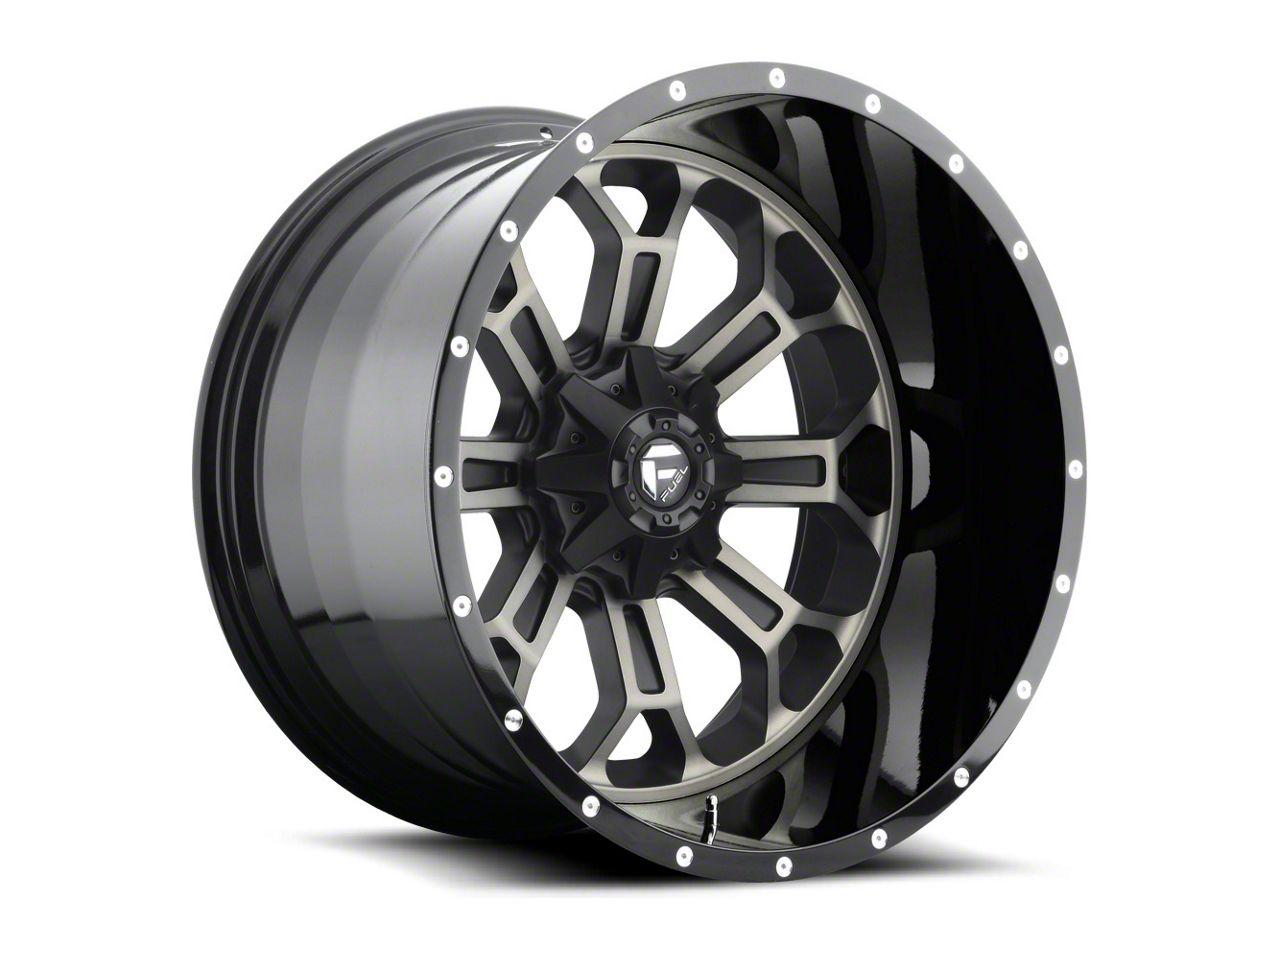 Fuel Wheels Crush Matte Black Machined 6-Lug Wheel - 22x14 (99-18 Silverado 1500)